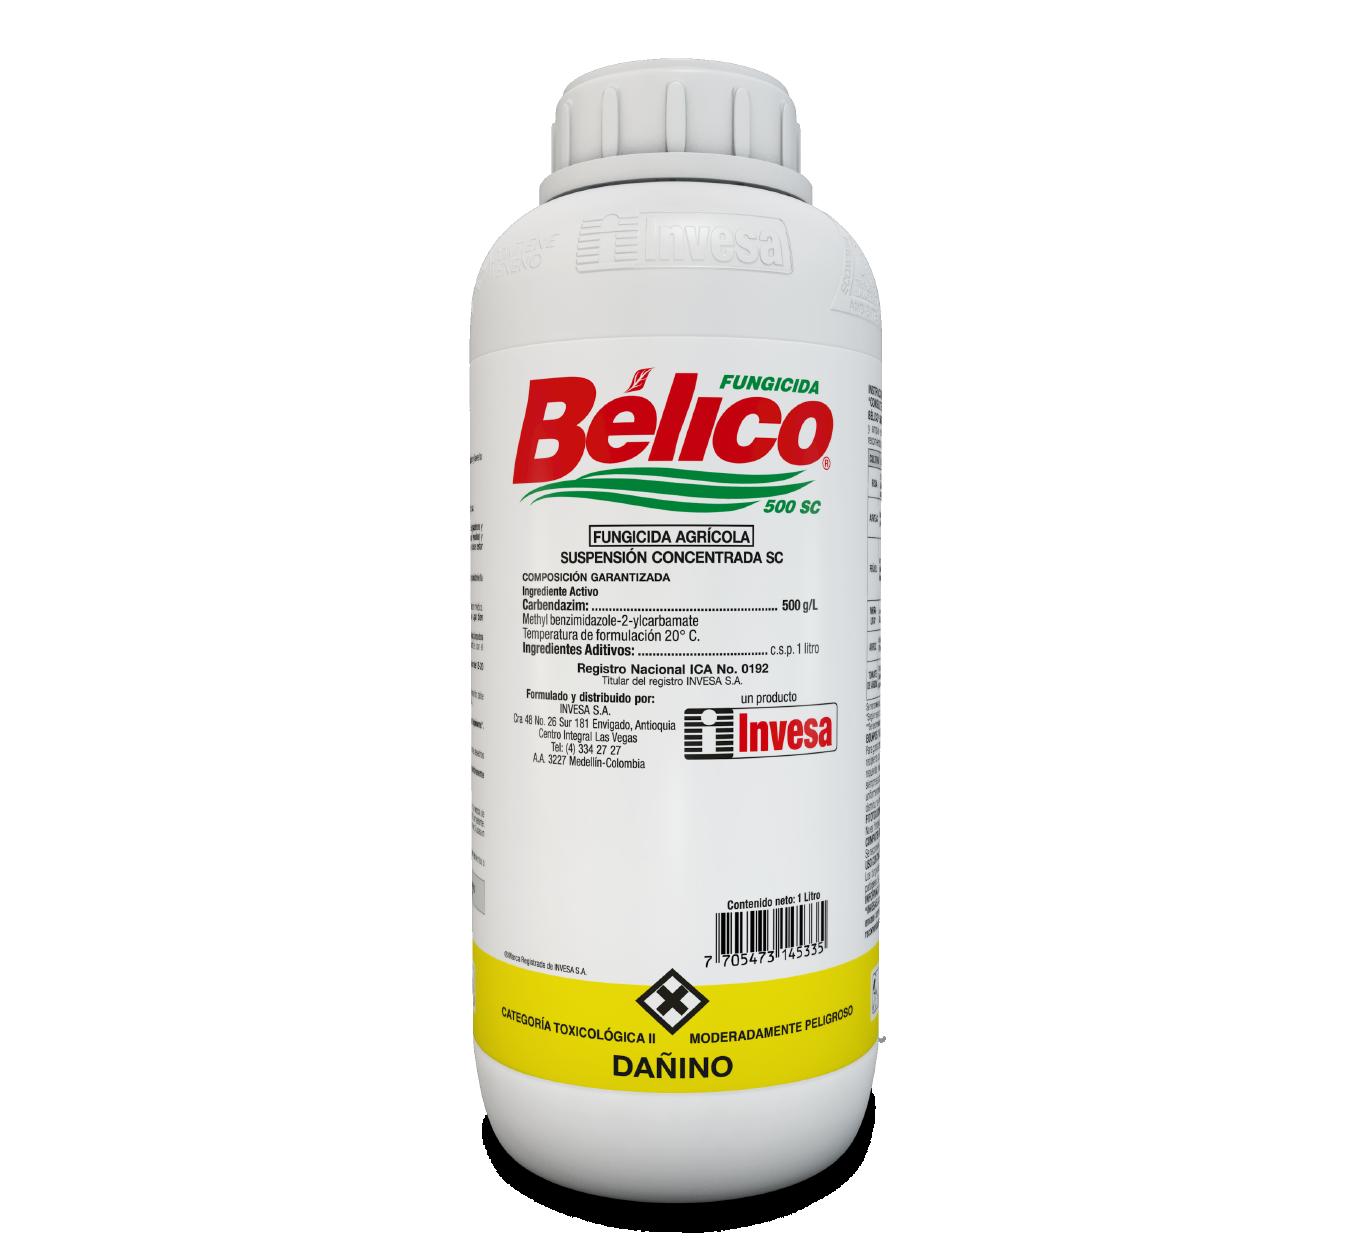 Fungicida belico 500 sc invesa 1 litro